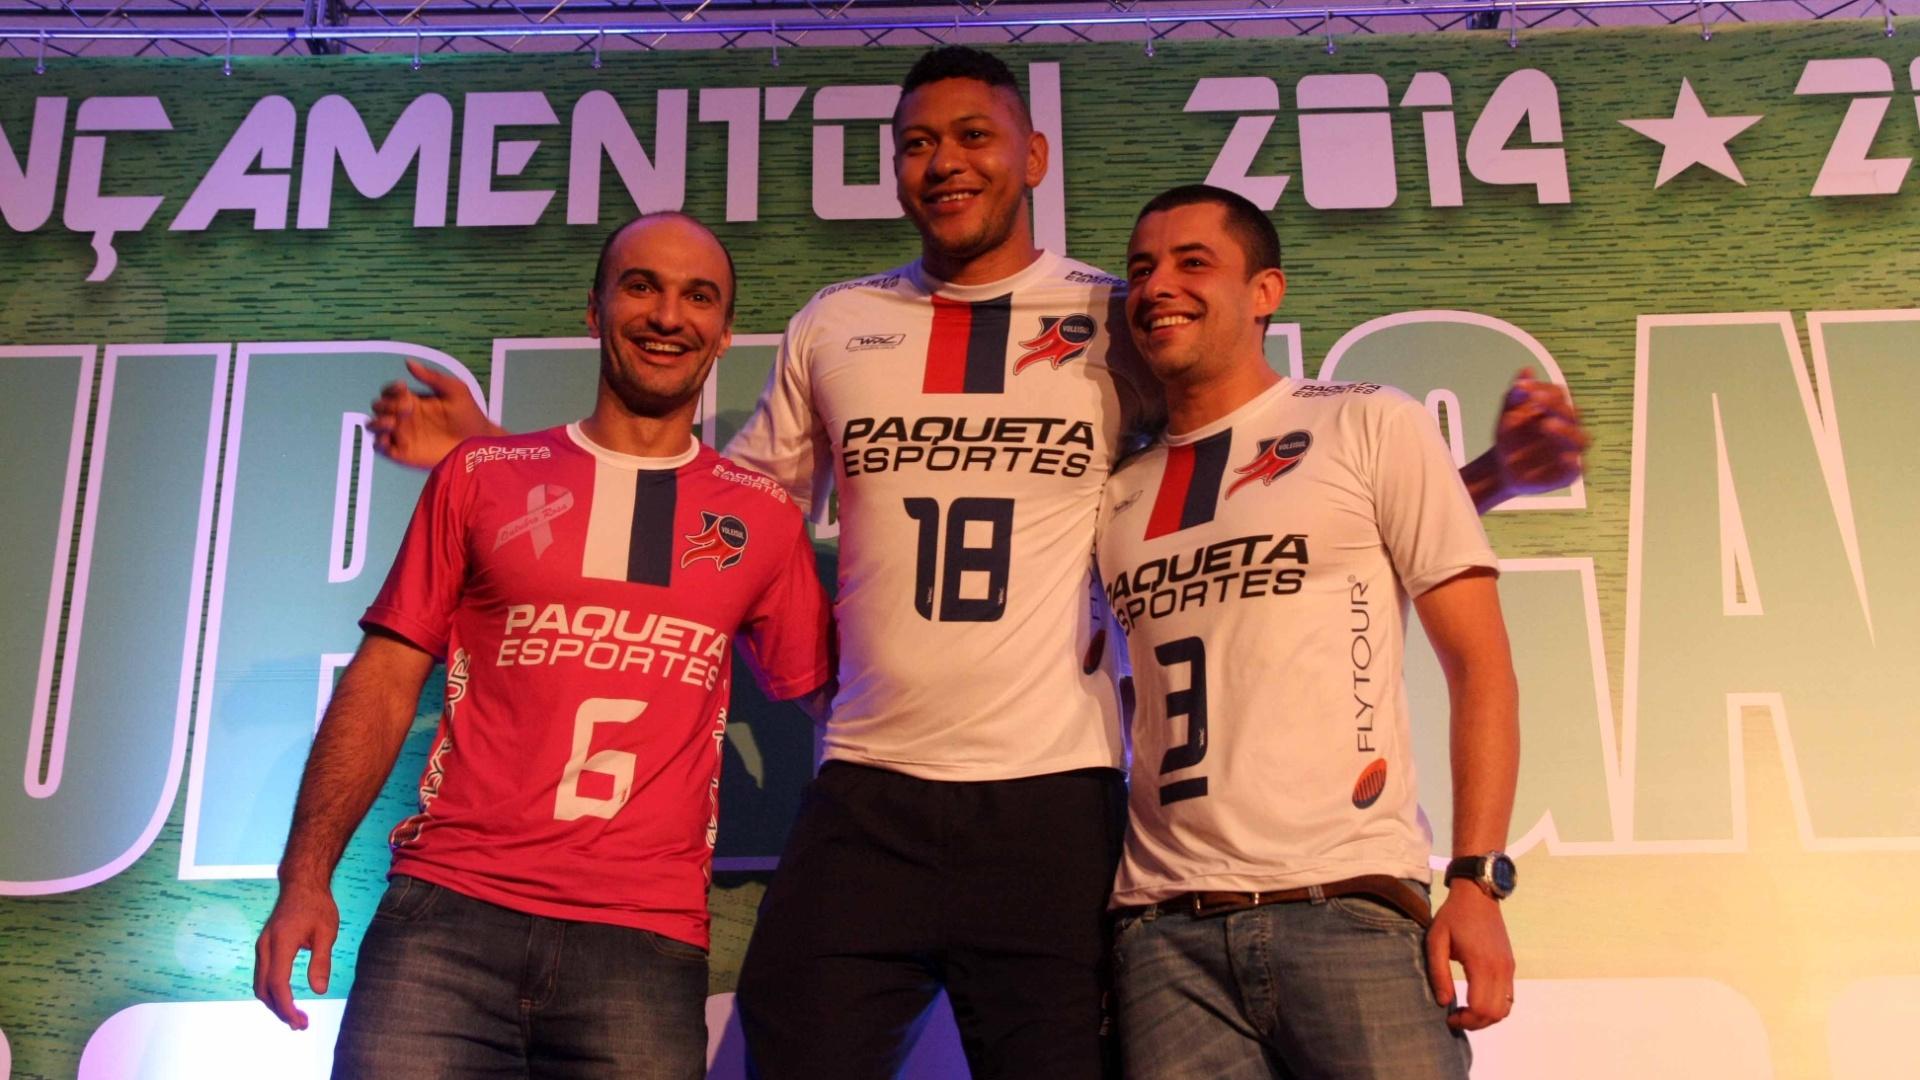 Jogadores do Voleisul Paquetá participaram de lançamento do torneio nesta terça-feira